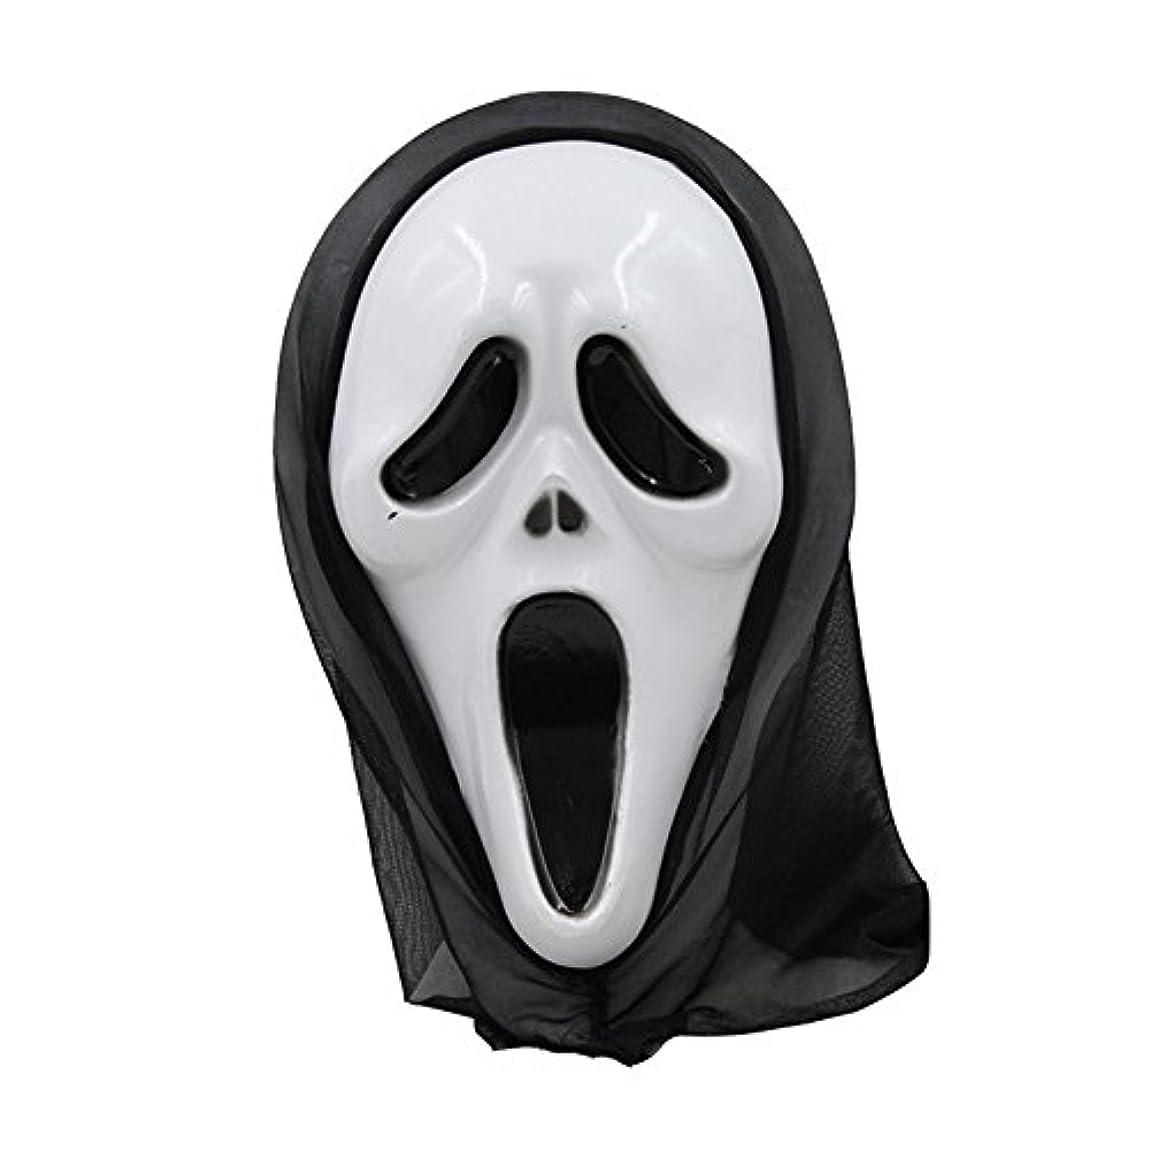 ロックまたはどちらかメロディーハロウィーンマスク仮面舞踏会全体の小道具フェイスマスクホラー叫びマスク